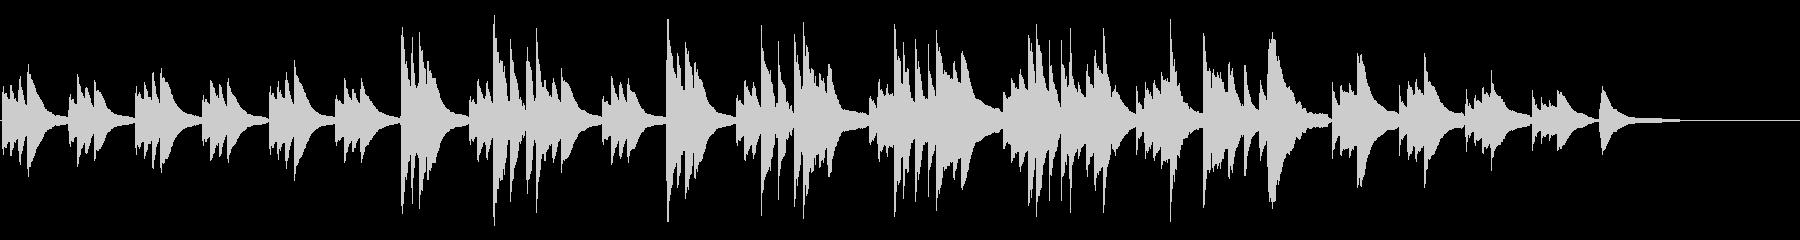 冒頭で使えそうなピアノ曲の未再生の波形